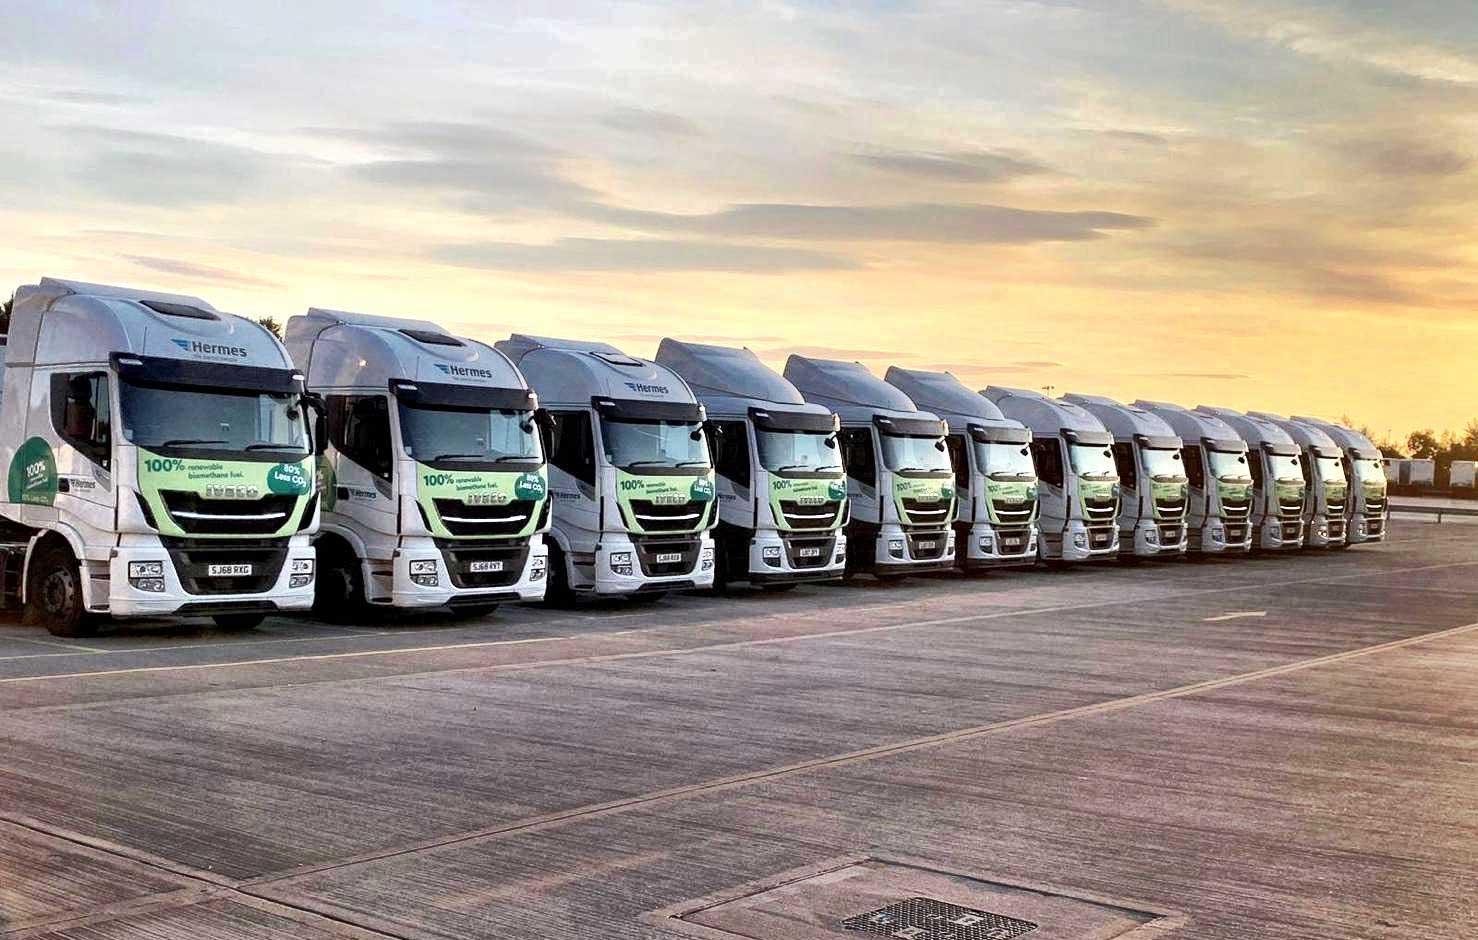 Royaume-Uni : Hermes devient la plus grande flotte GNV de distribution de colis